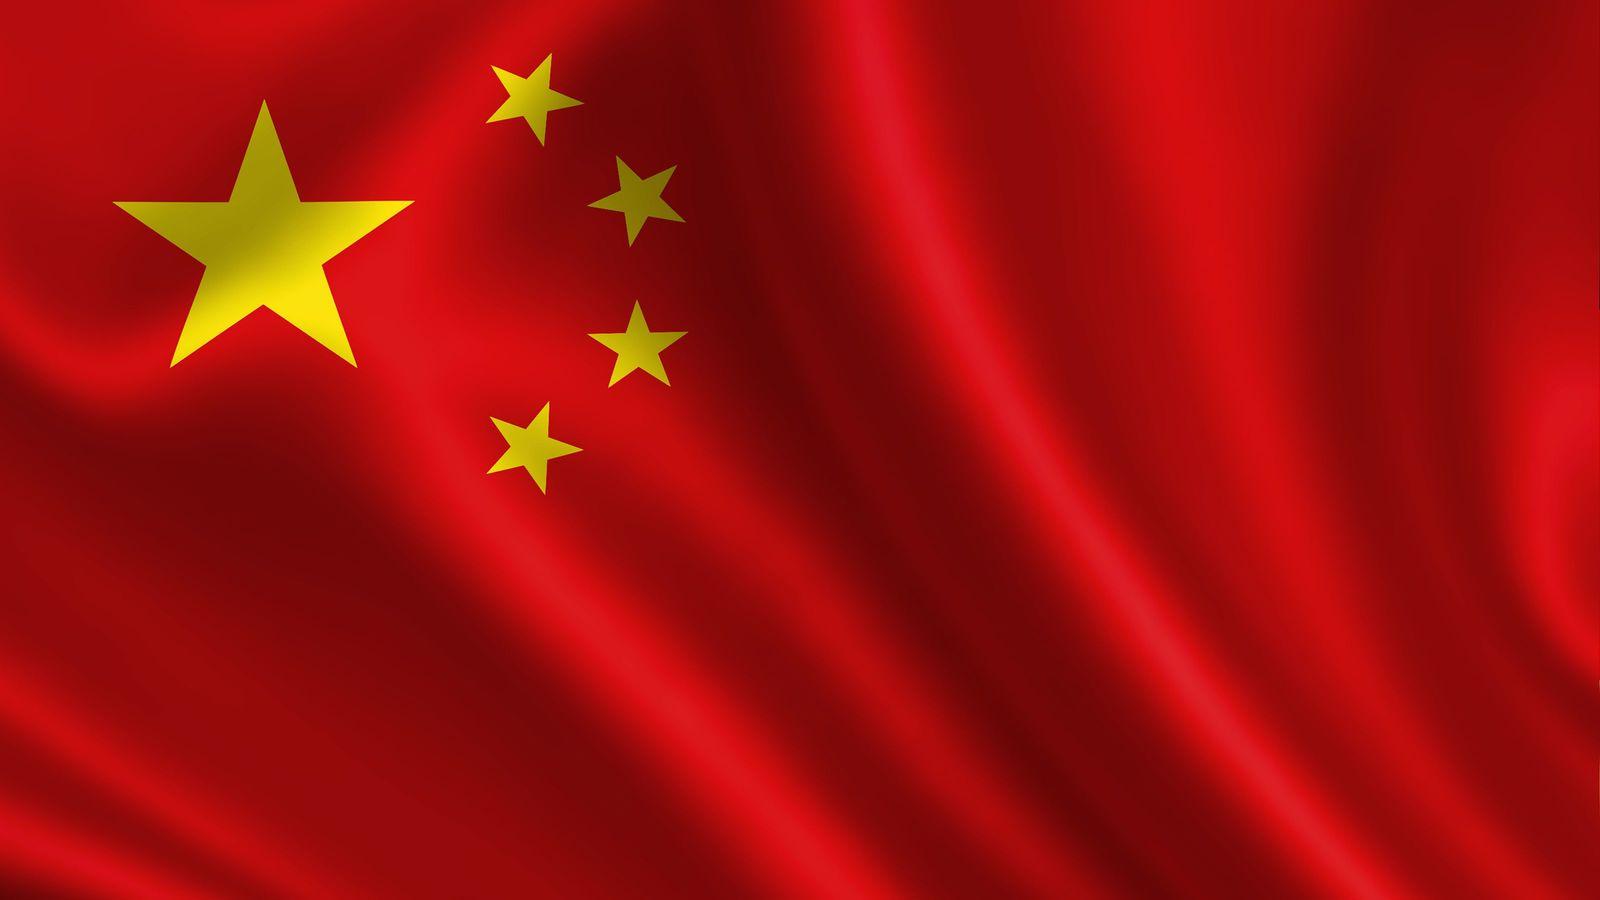 習近平の操り人形…なぜ、WHOは中国に牛耳られたのか コロナの感染拡大責任はないのか